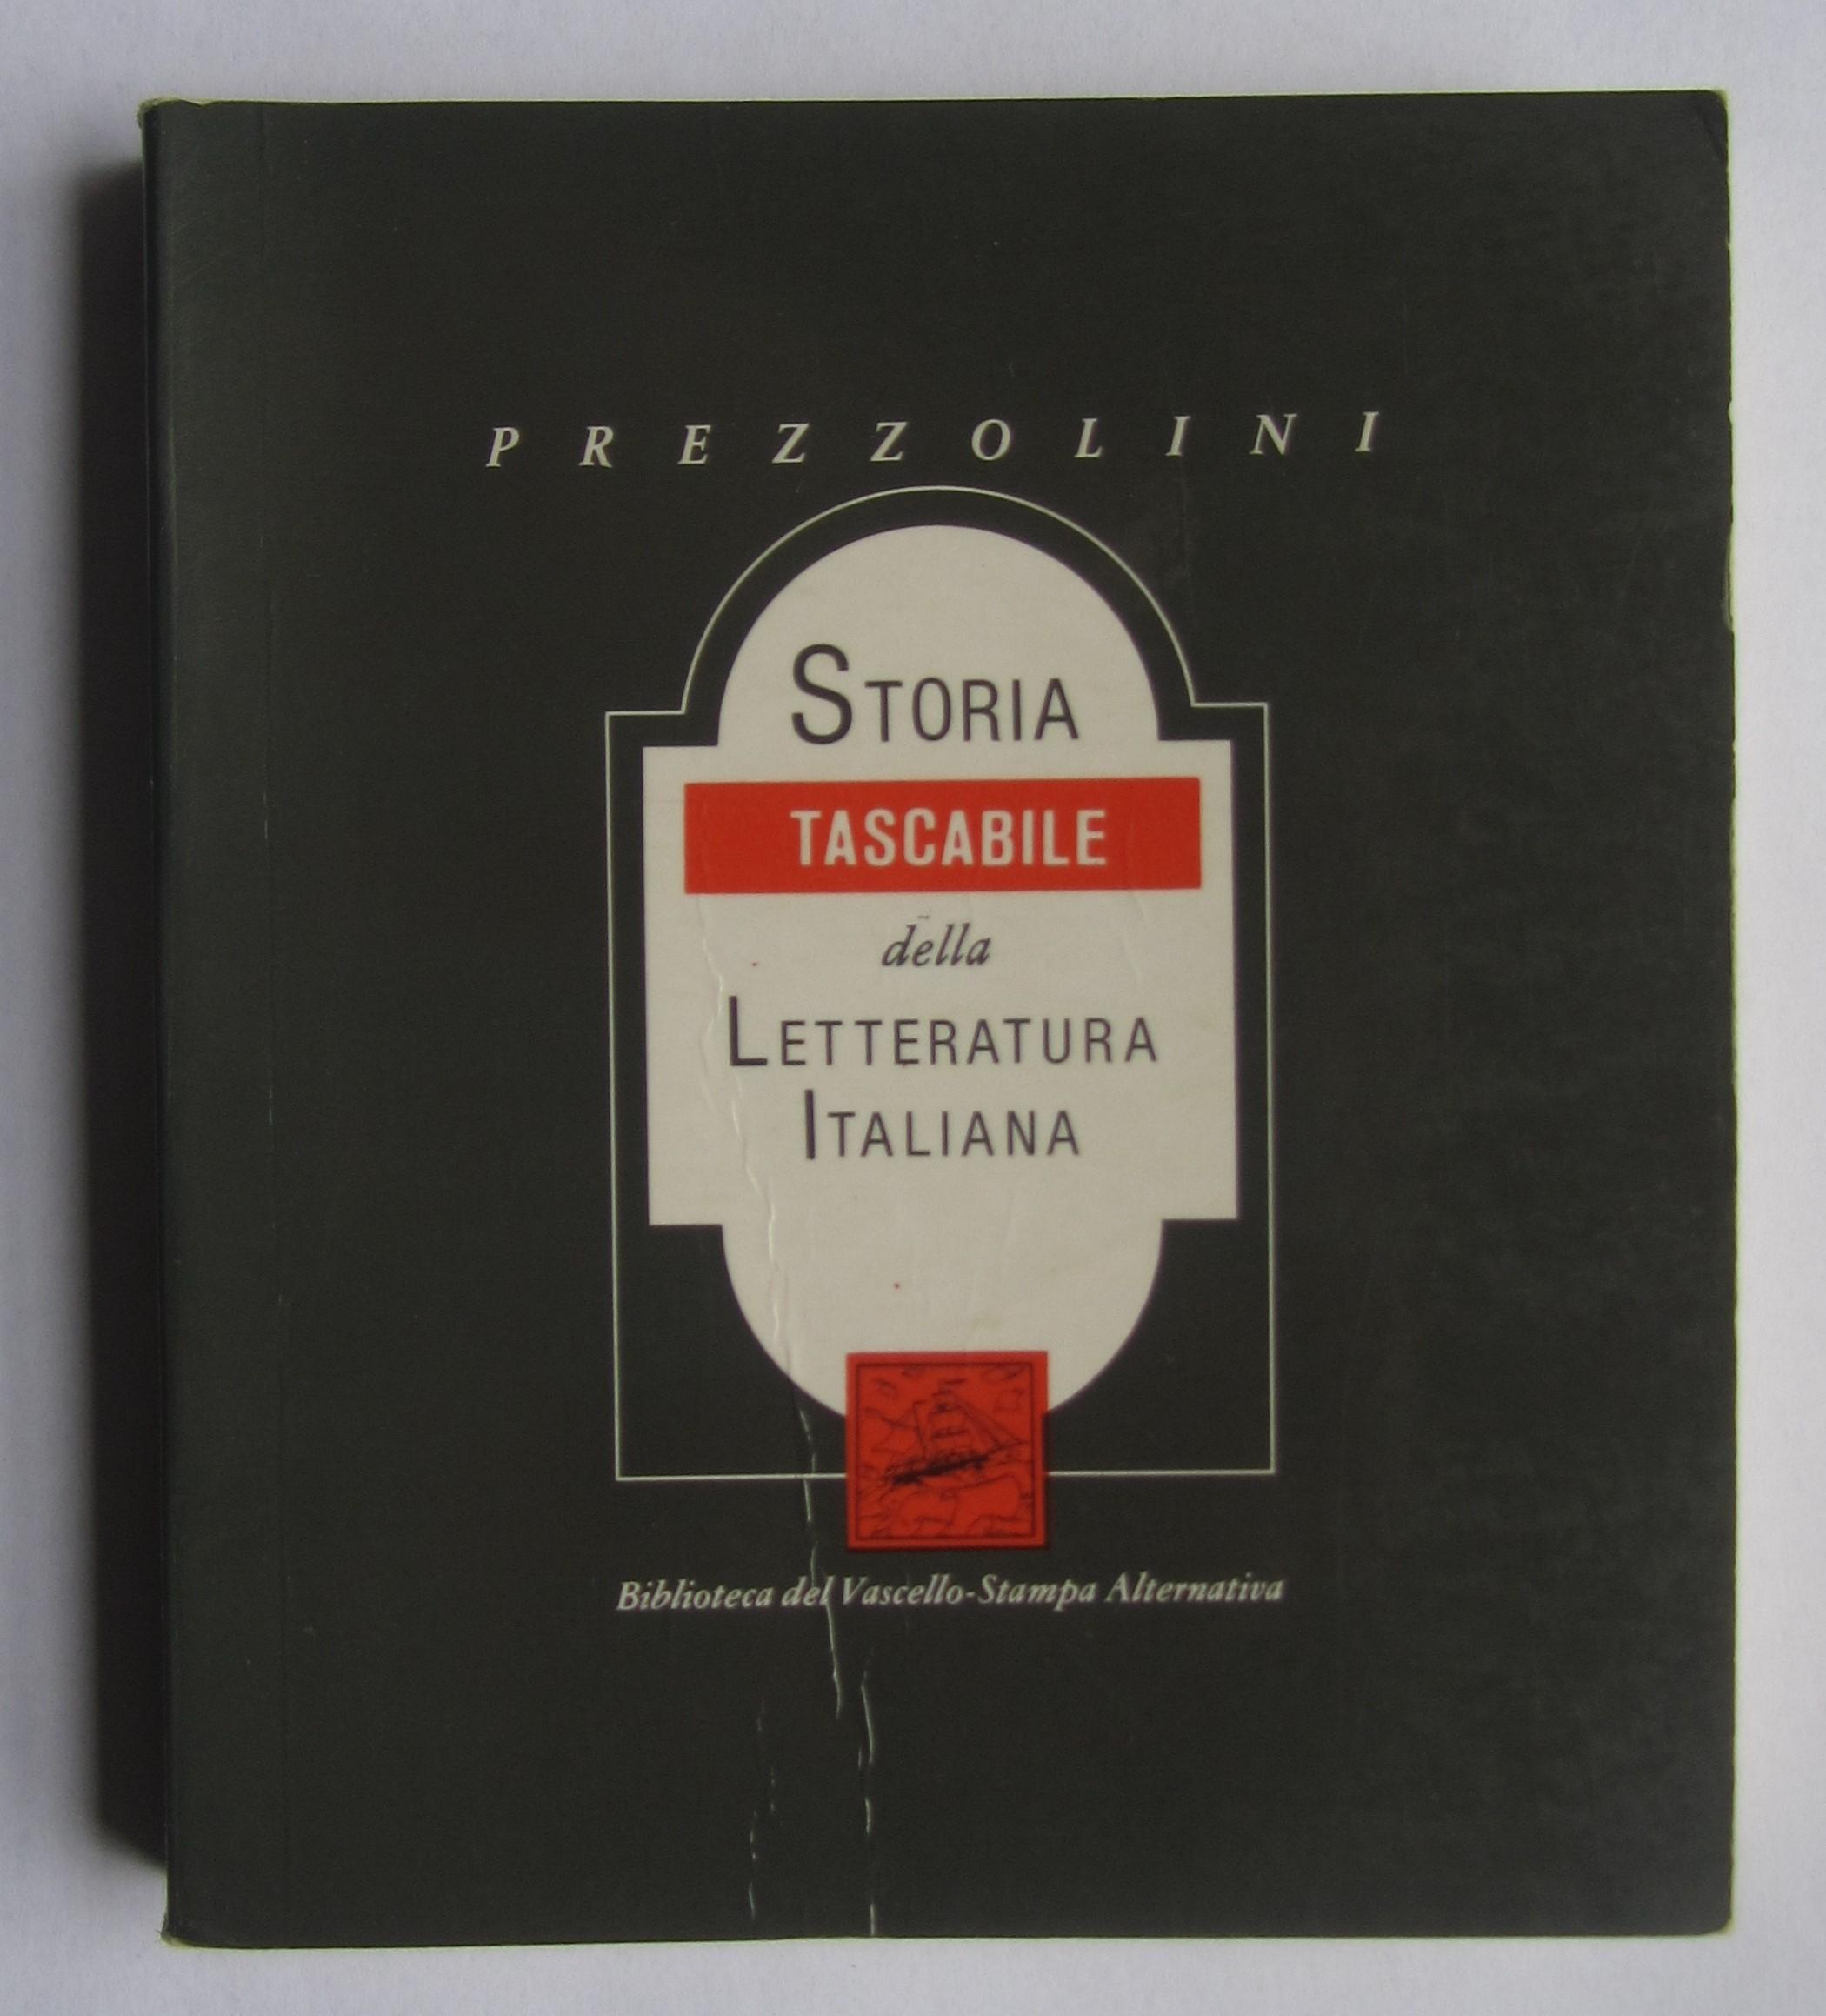 """Questo sì che è un regalo di Natale, pescando solo 30 anni fa: """"Storia tascabile della letteratura italiana"""" di Giuseppe Prezzolini"""